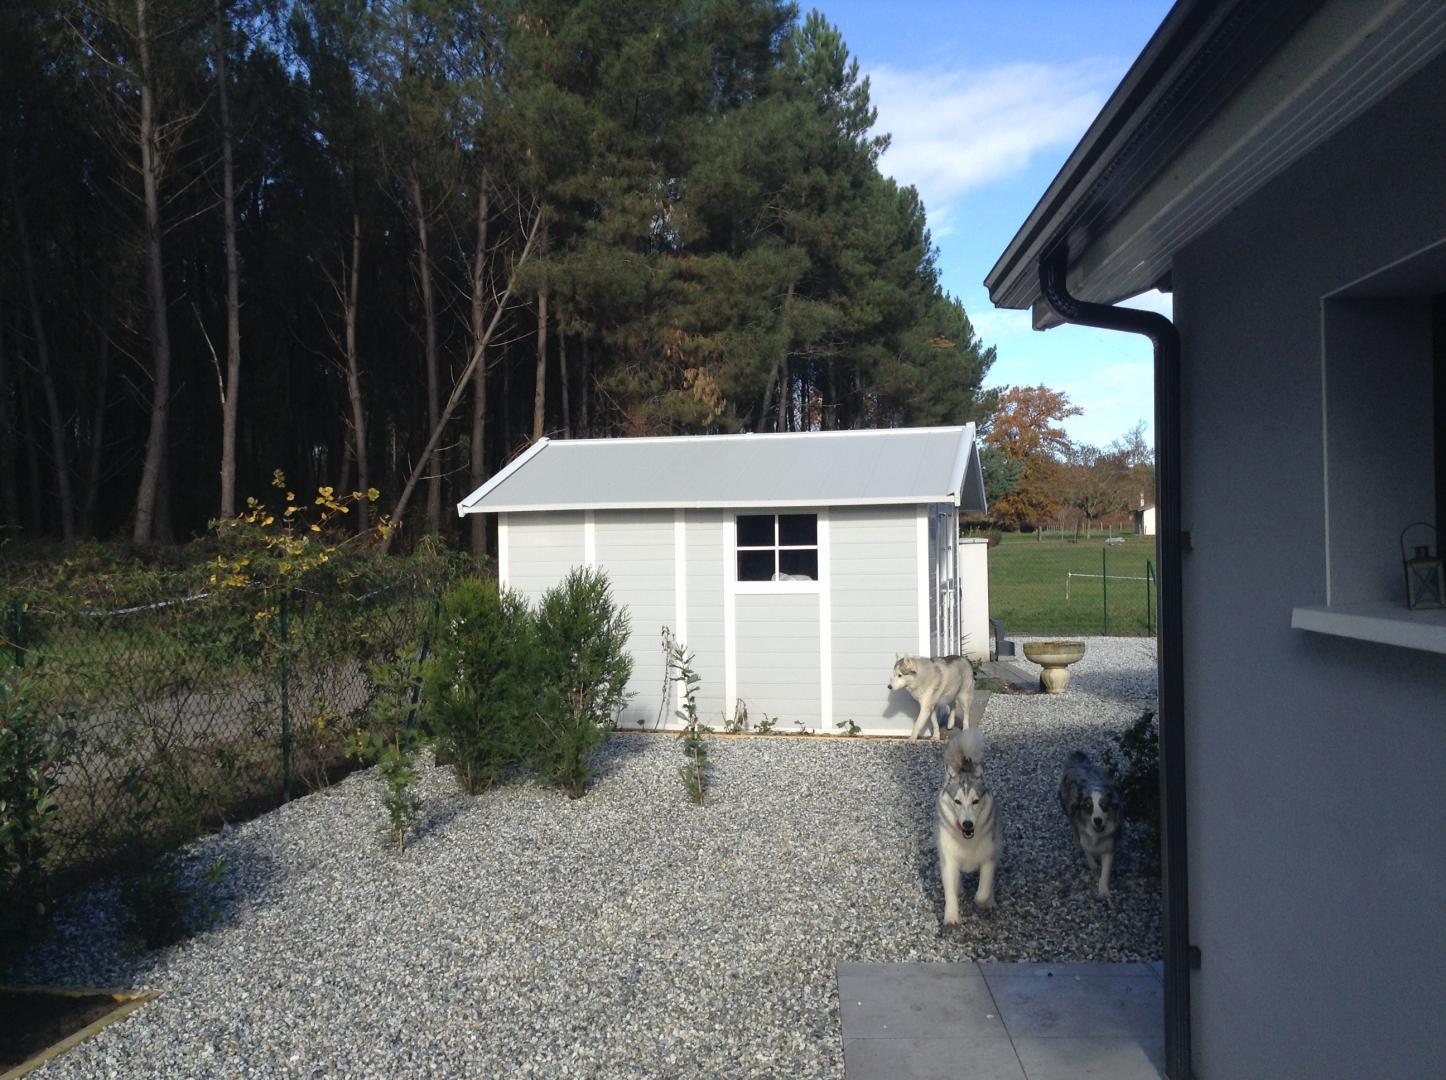 Abri de jardin en pvc 11 2m deco gris clair et blanc for Abris de jardin en pvc belgique